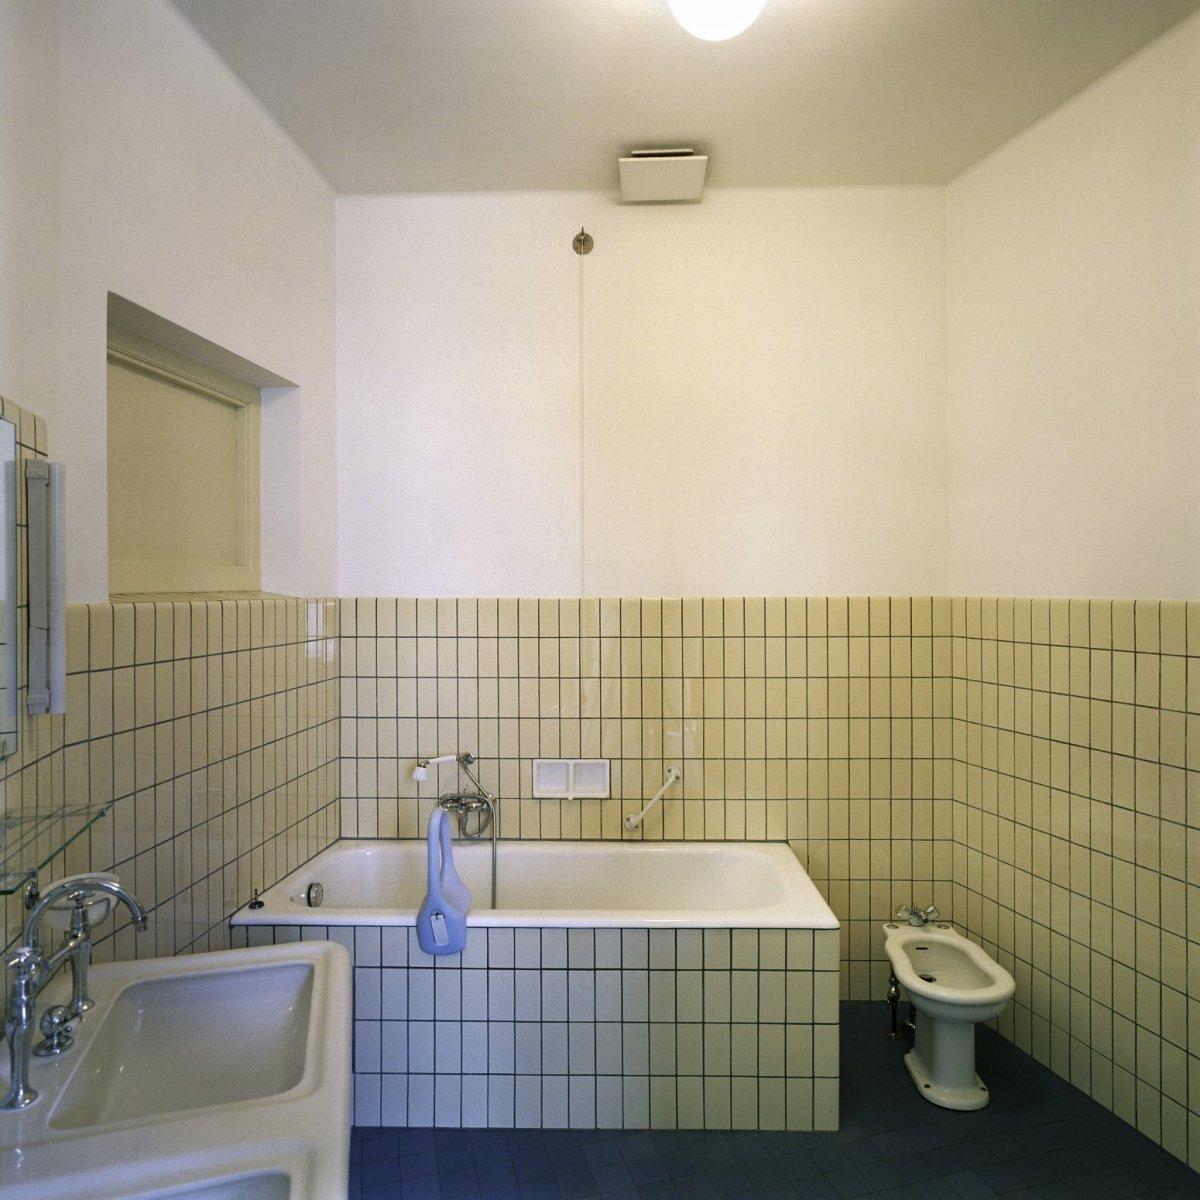 File interieur overzicht van de badkamer die hoort bij de ruimte flat 2 genaamd gelegen aan de - Interieur badkamer ...